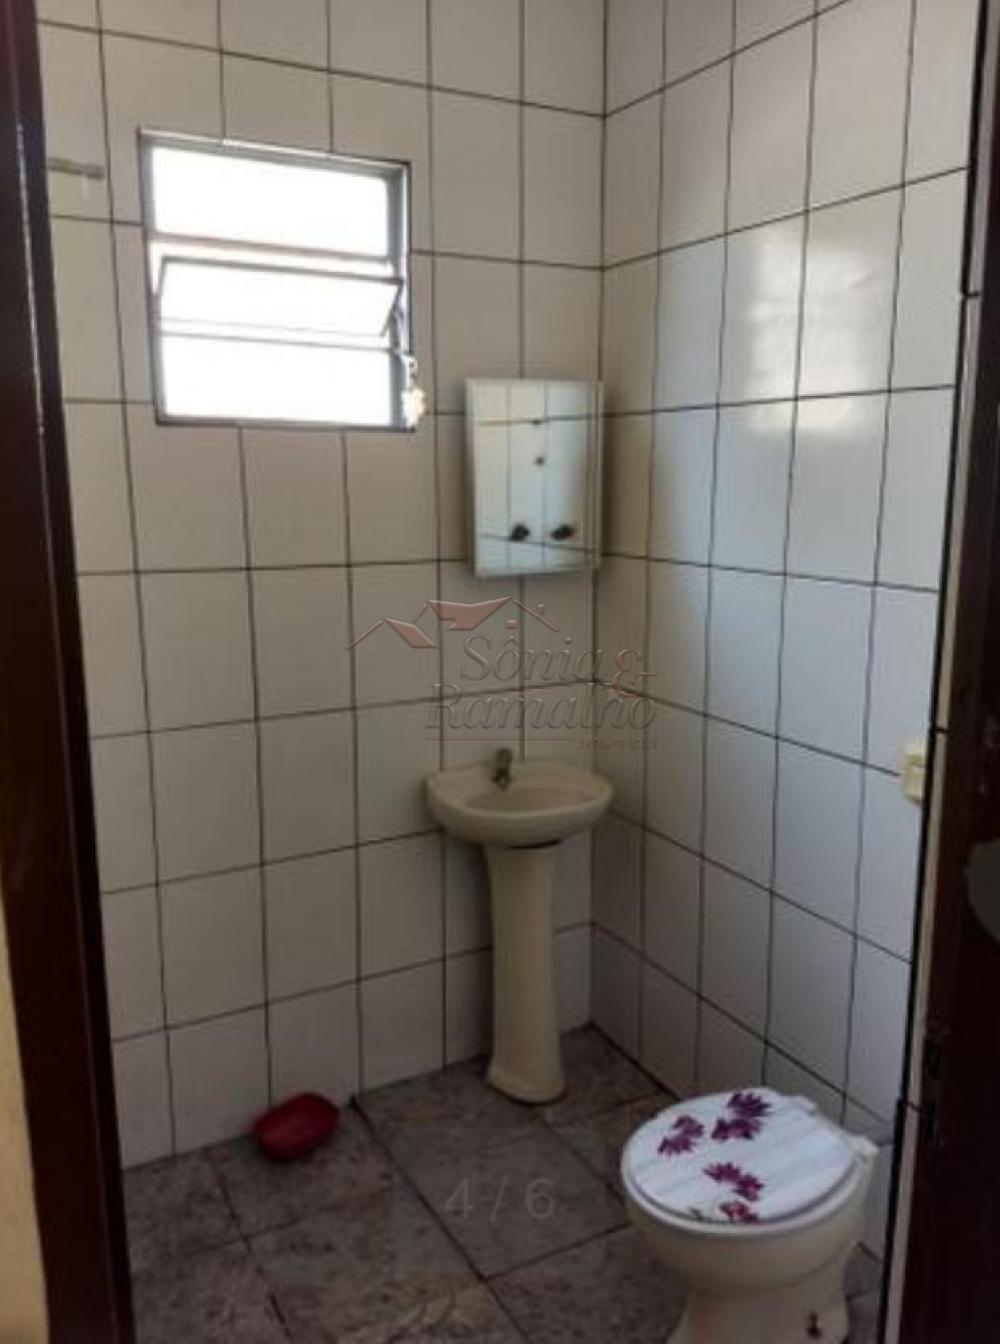 Alugar Casas / Padrão em Ribeirão Preto apenas R$ 740,00 - Foto 6